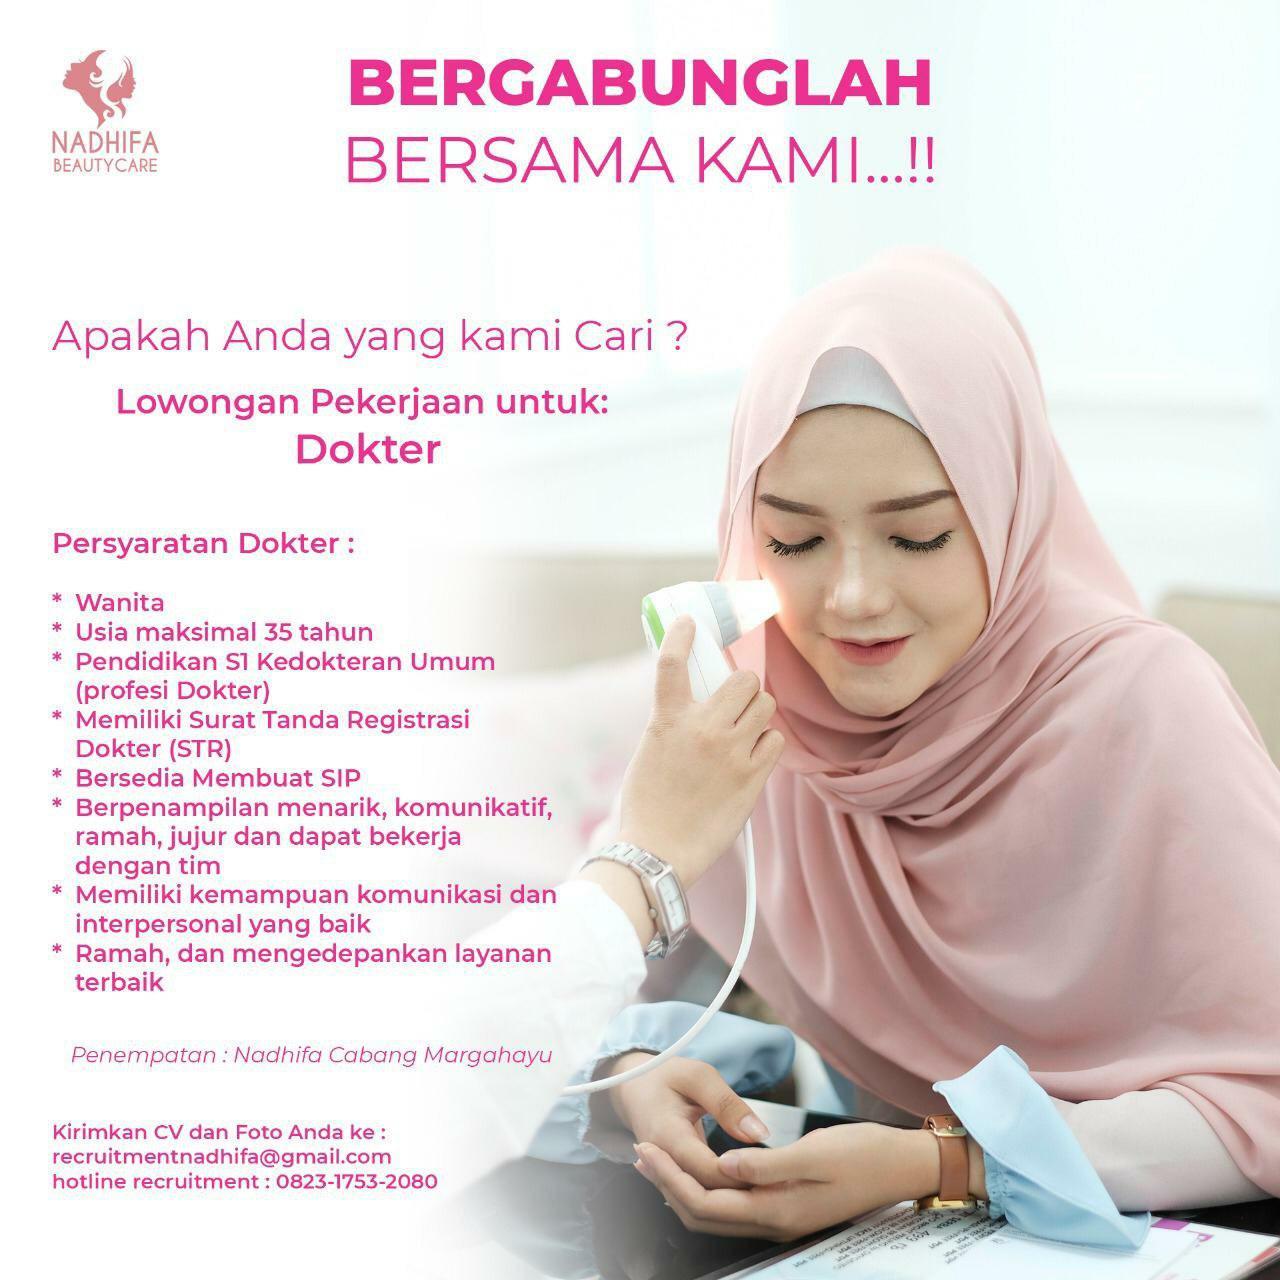 Lowongan Kerja Nadhifa Beauty Care Bandung Maret 2019